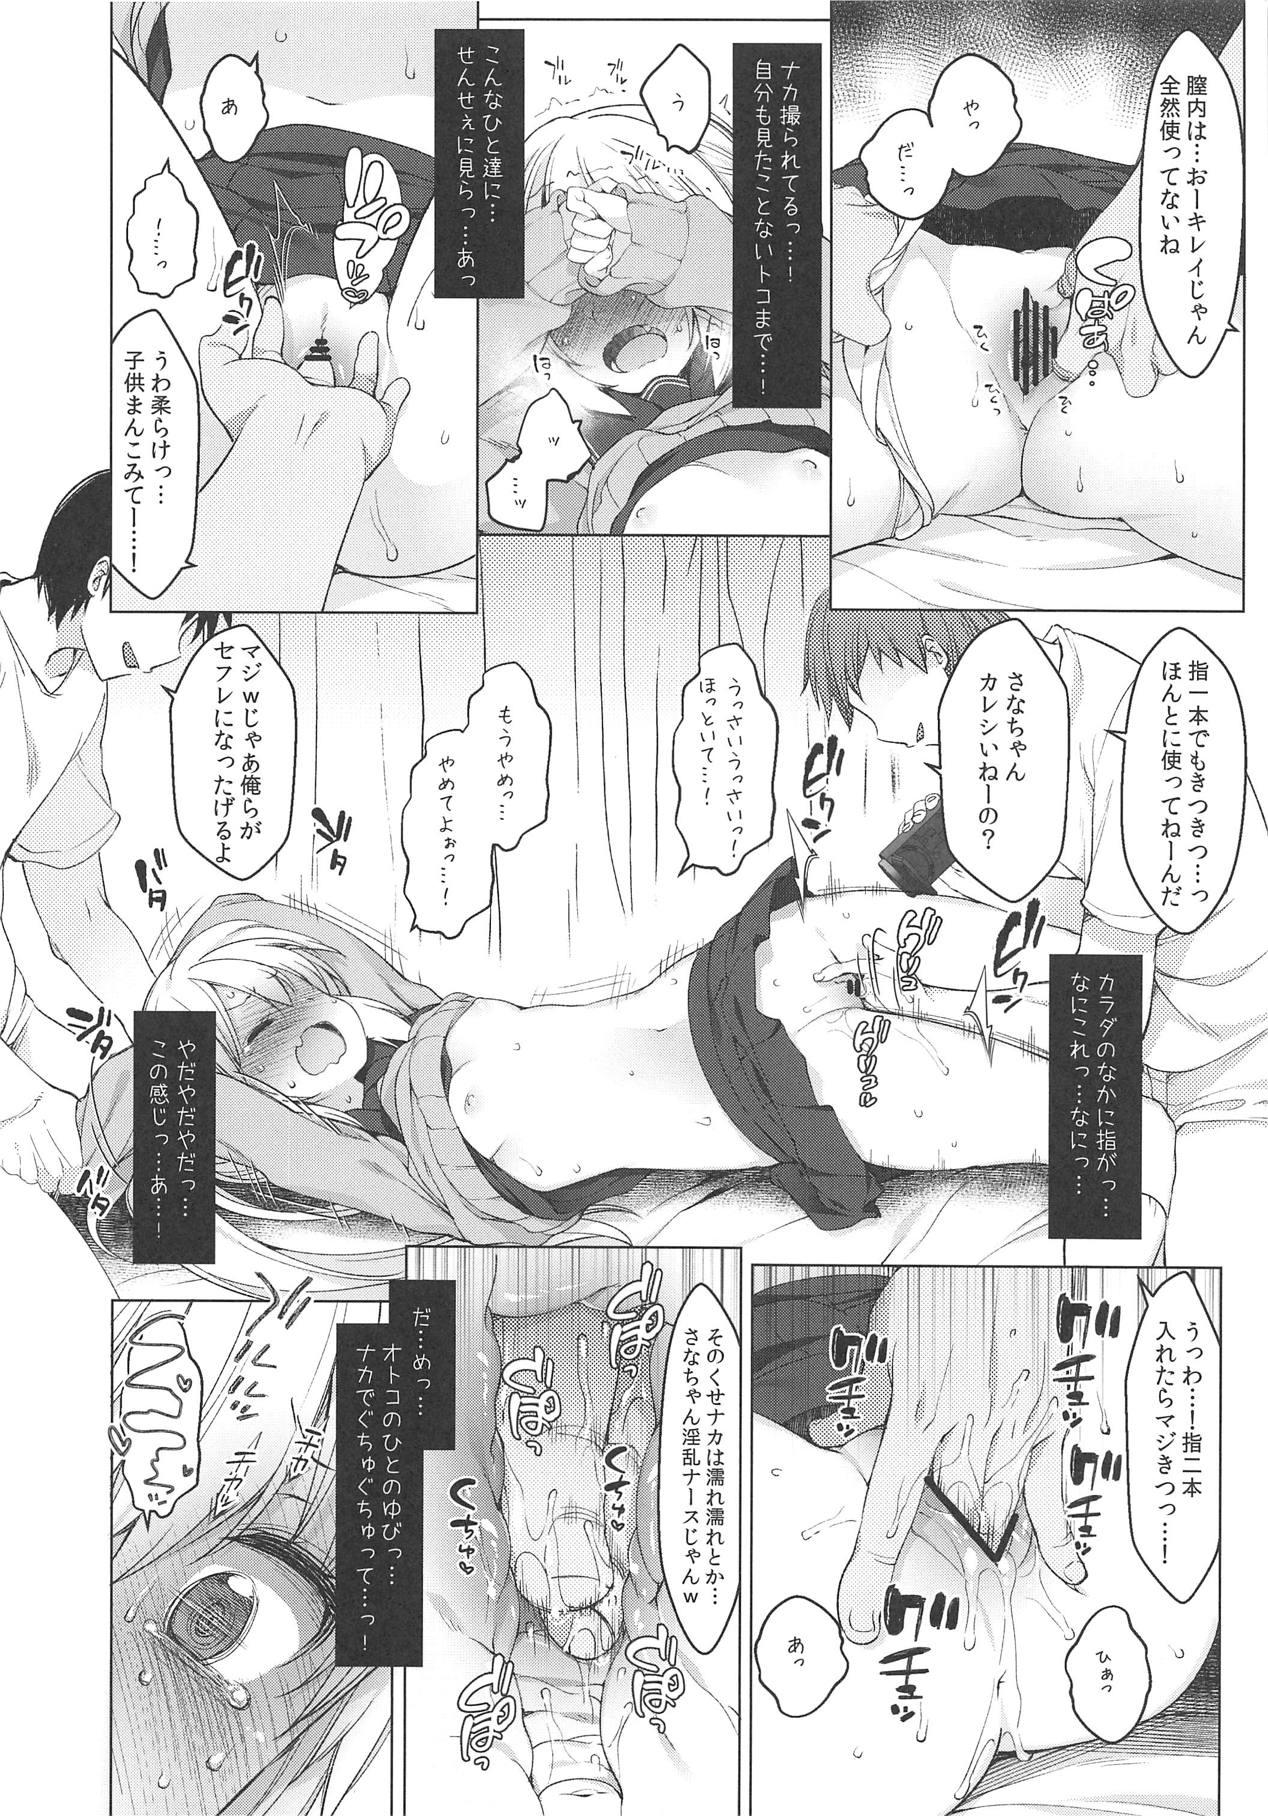 【エロ同人誌】(COMIC1☆15)動画撮影でスタッフにセクハラされる名取さな…手マンとキスで気持ち良くなってしまい二穴同時の3P中出しレイプ【藤崎ひかり:名取さな-秘蜜の動画撮影-】